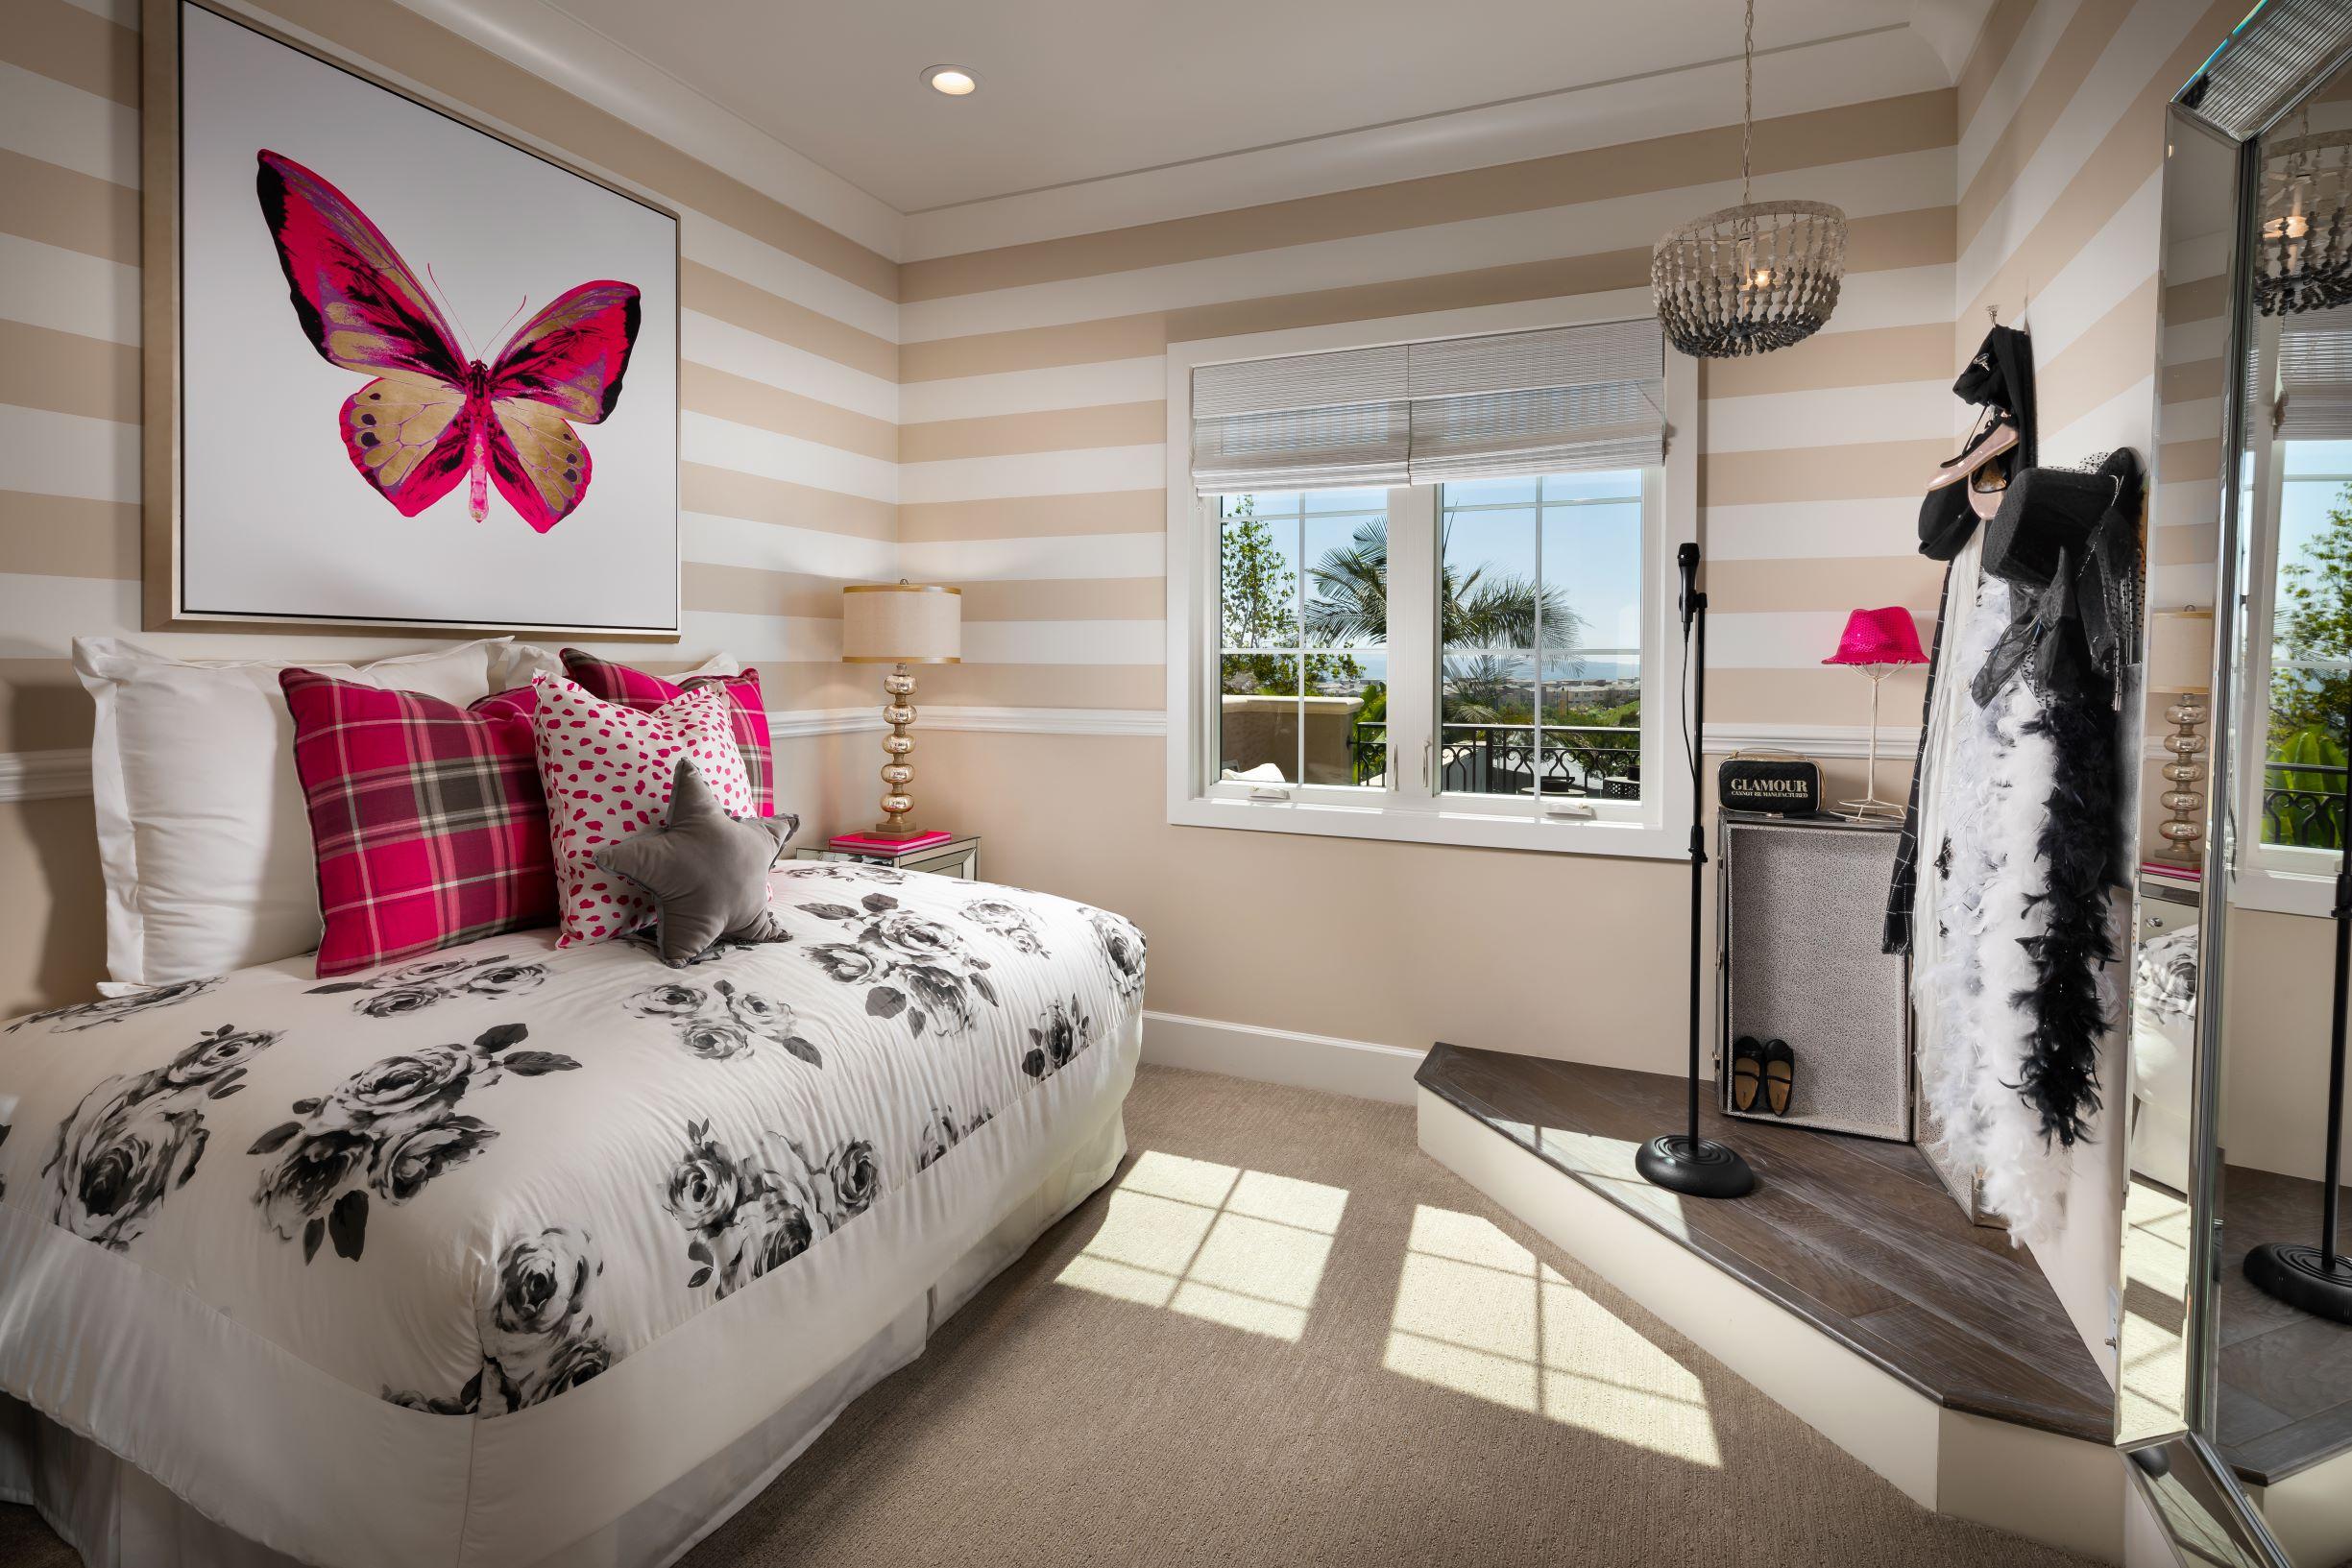 16-Meridian-Atlas_Girls Bedroom.jpg